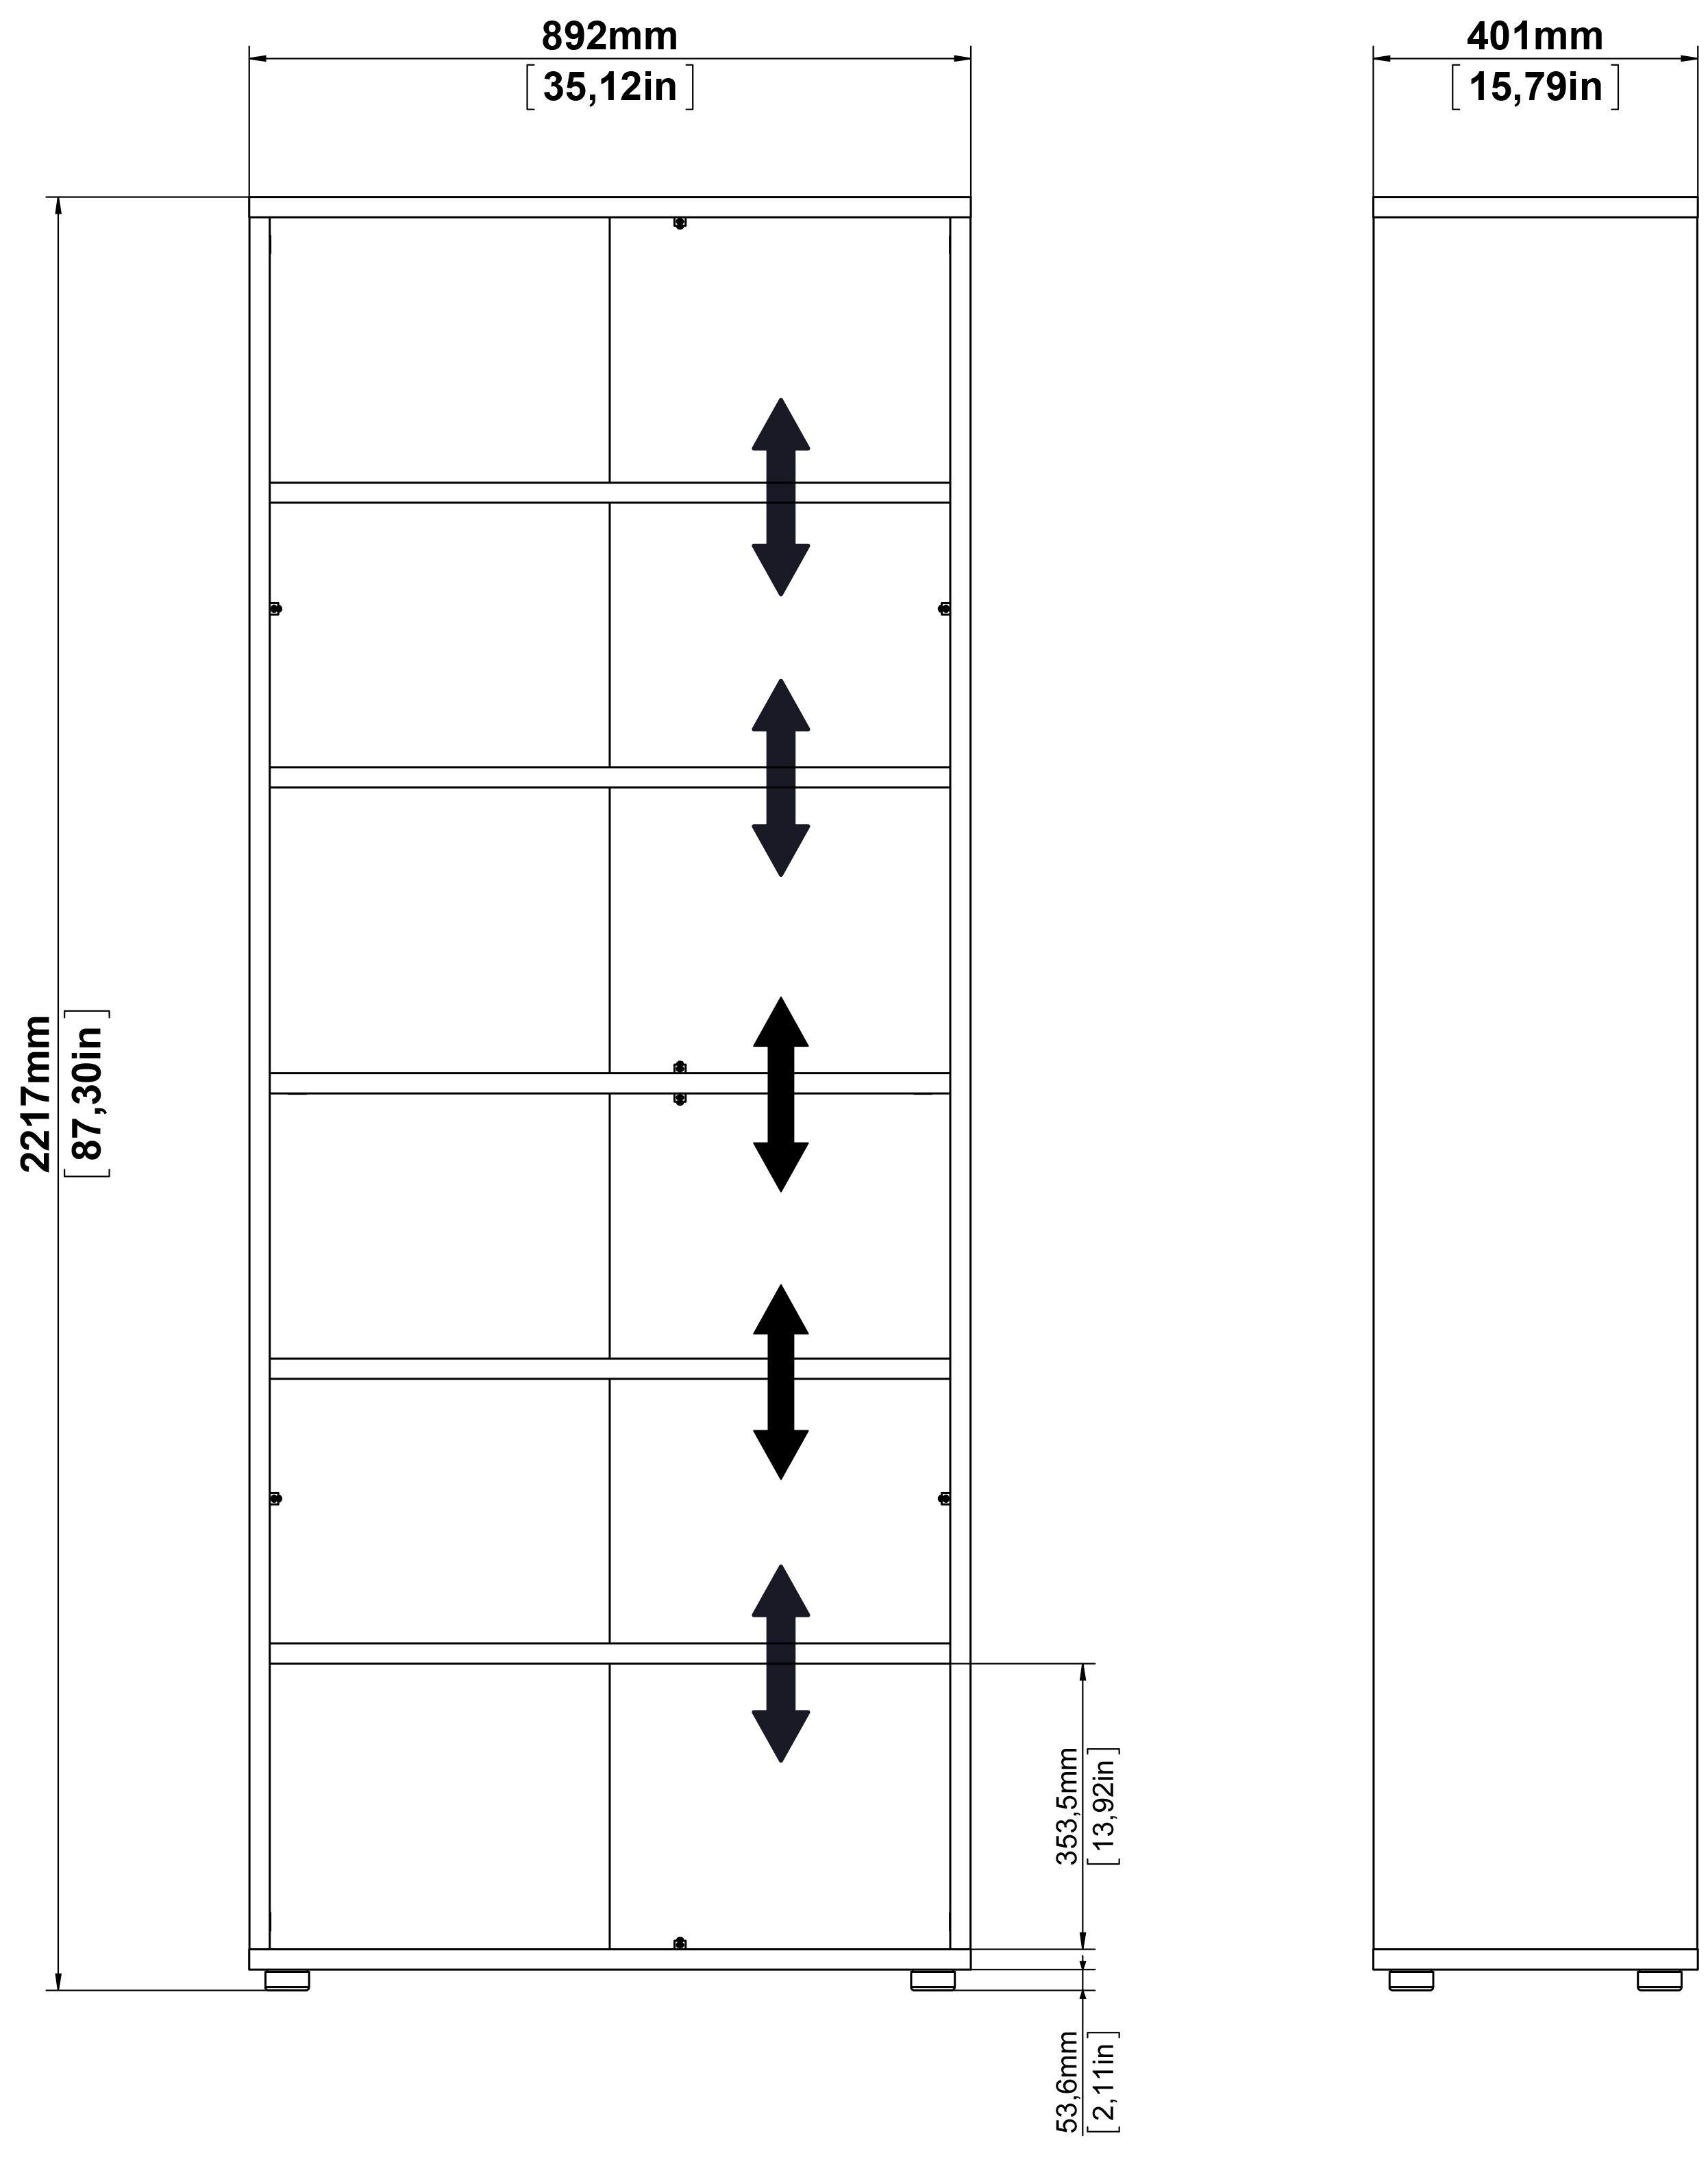 Prima Bogreol - Hvid m/5 hylder - Bogreol i hvid med 5 hylder